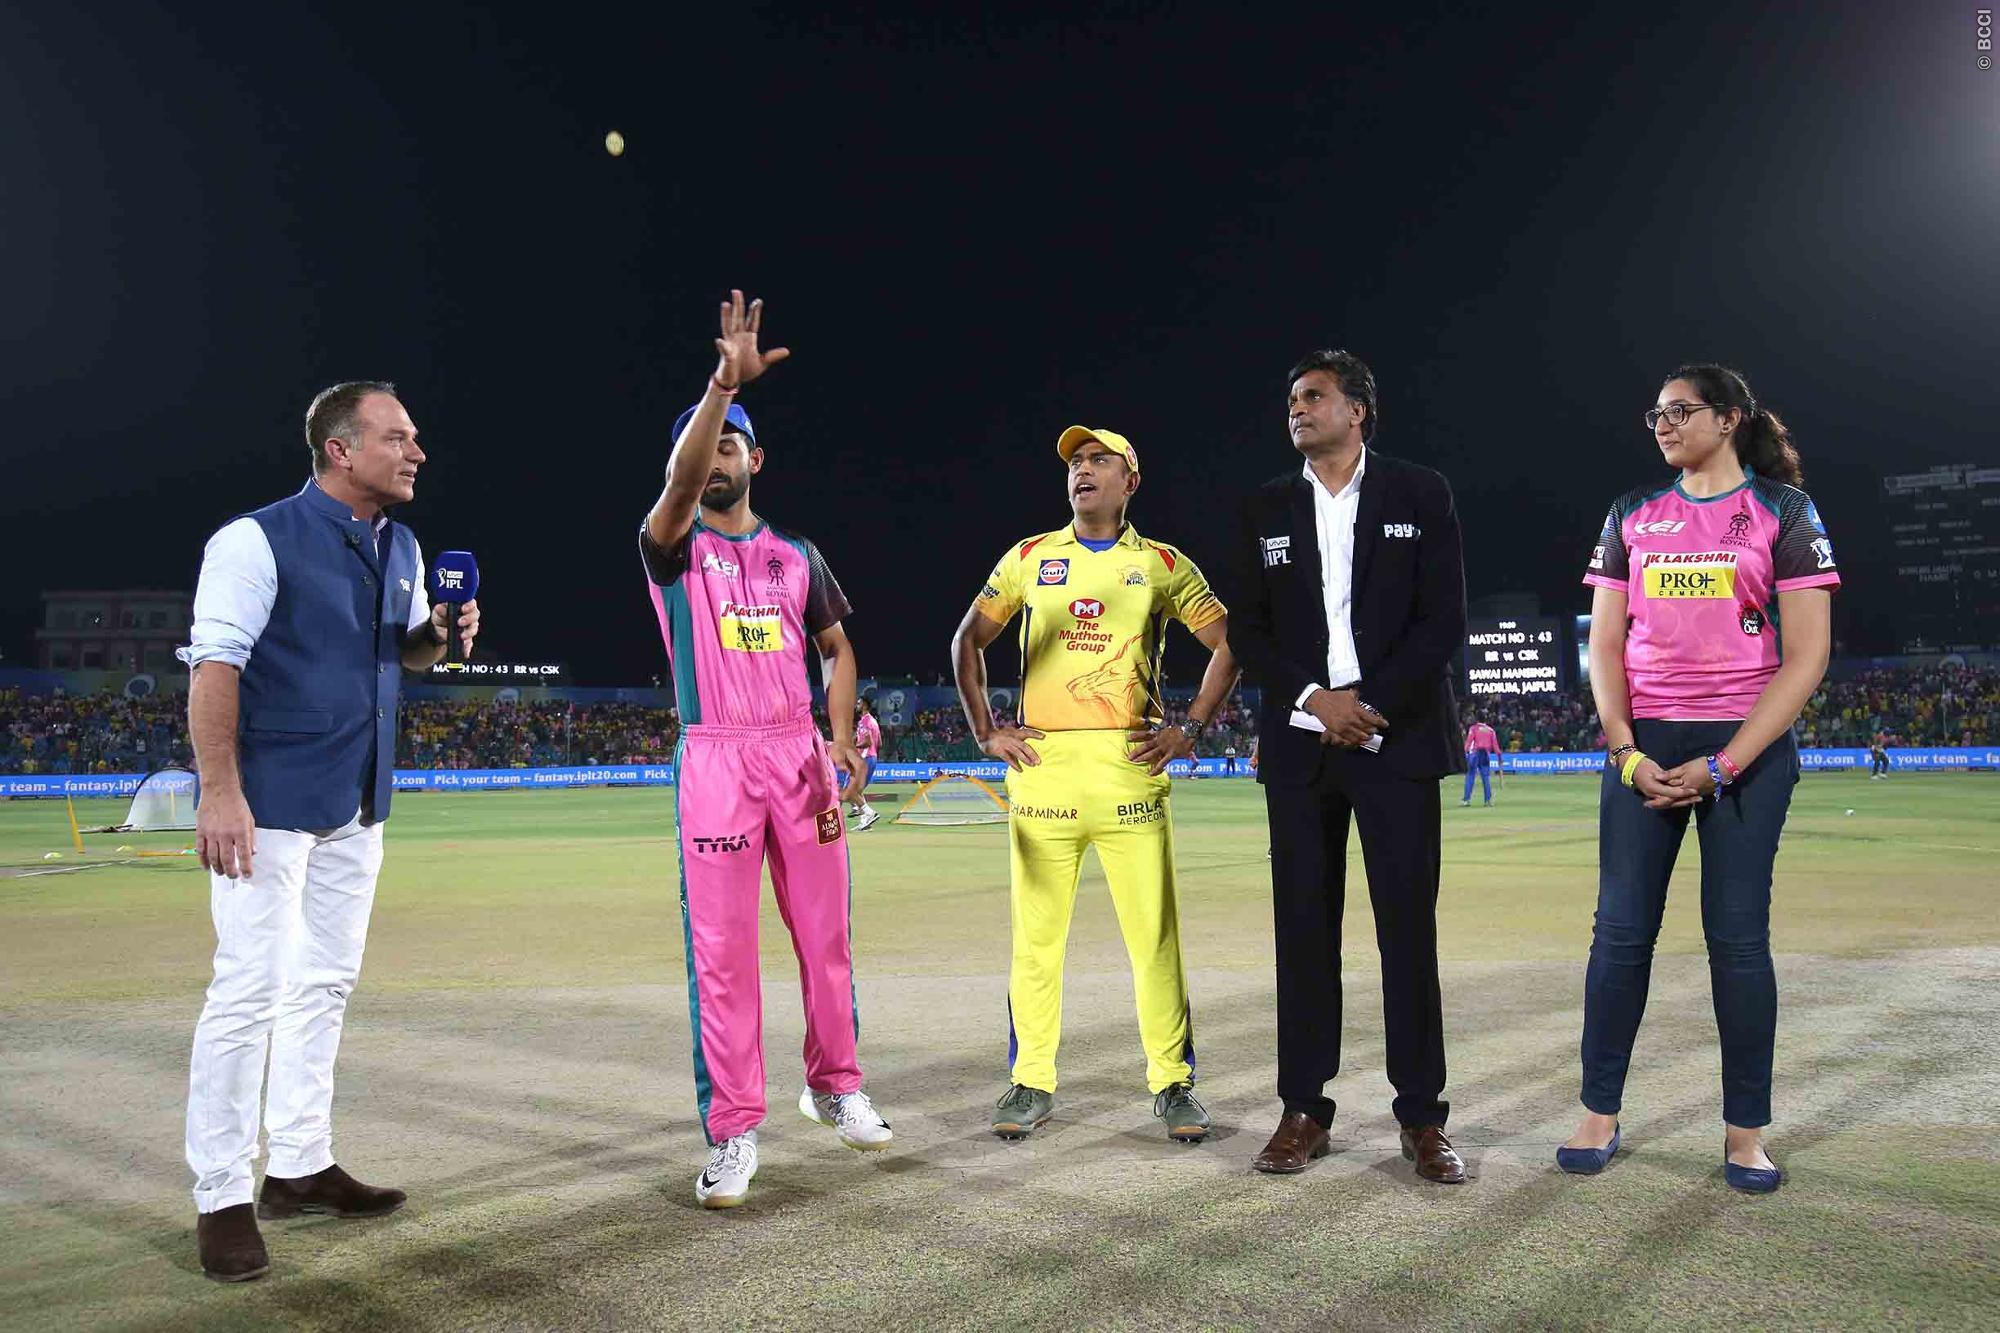 IPL 2018: चेन्नई के खराब गेंदबाजी के अलावा इन 5 कारणों से धोनी को करना पड़ा हार का सामना 2